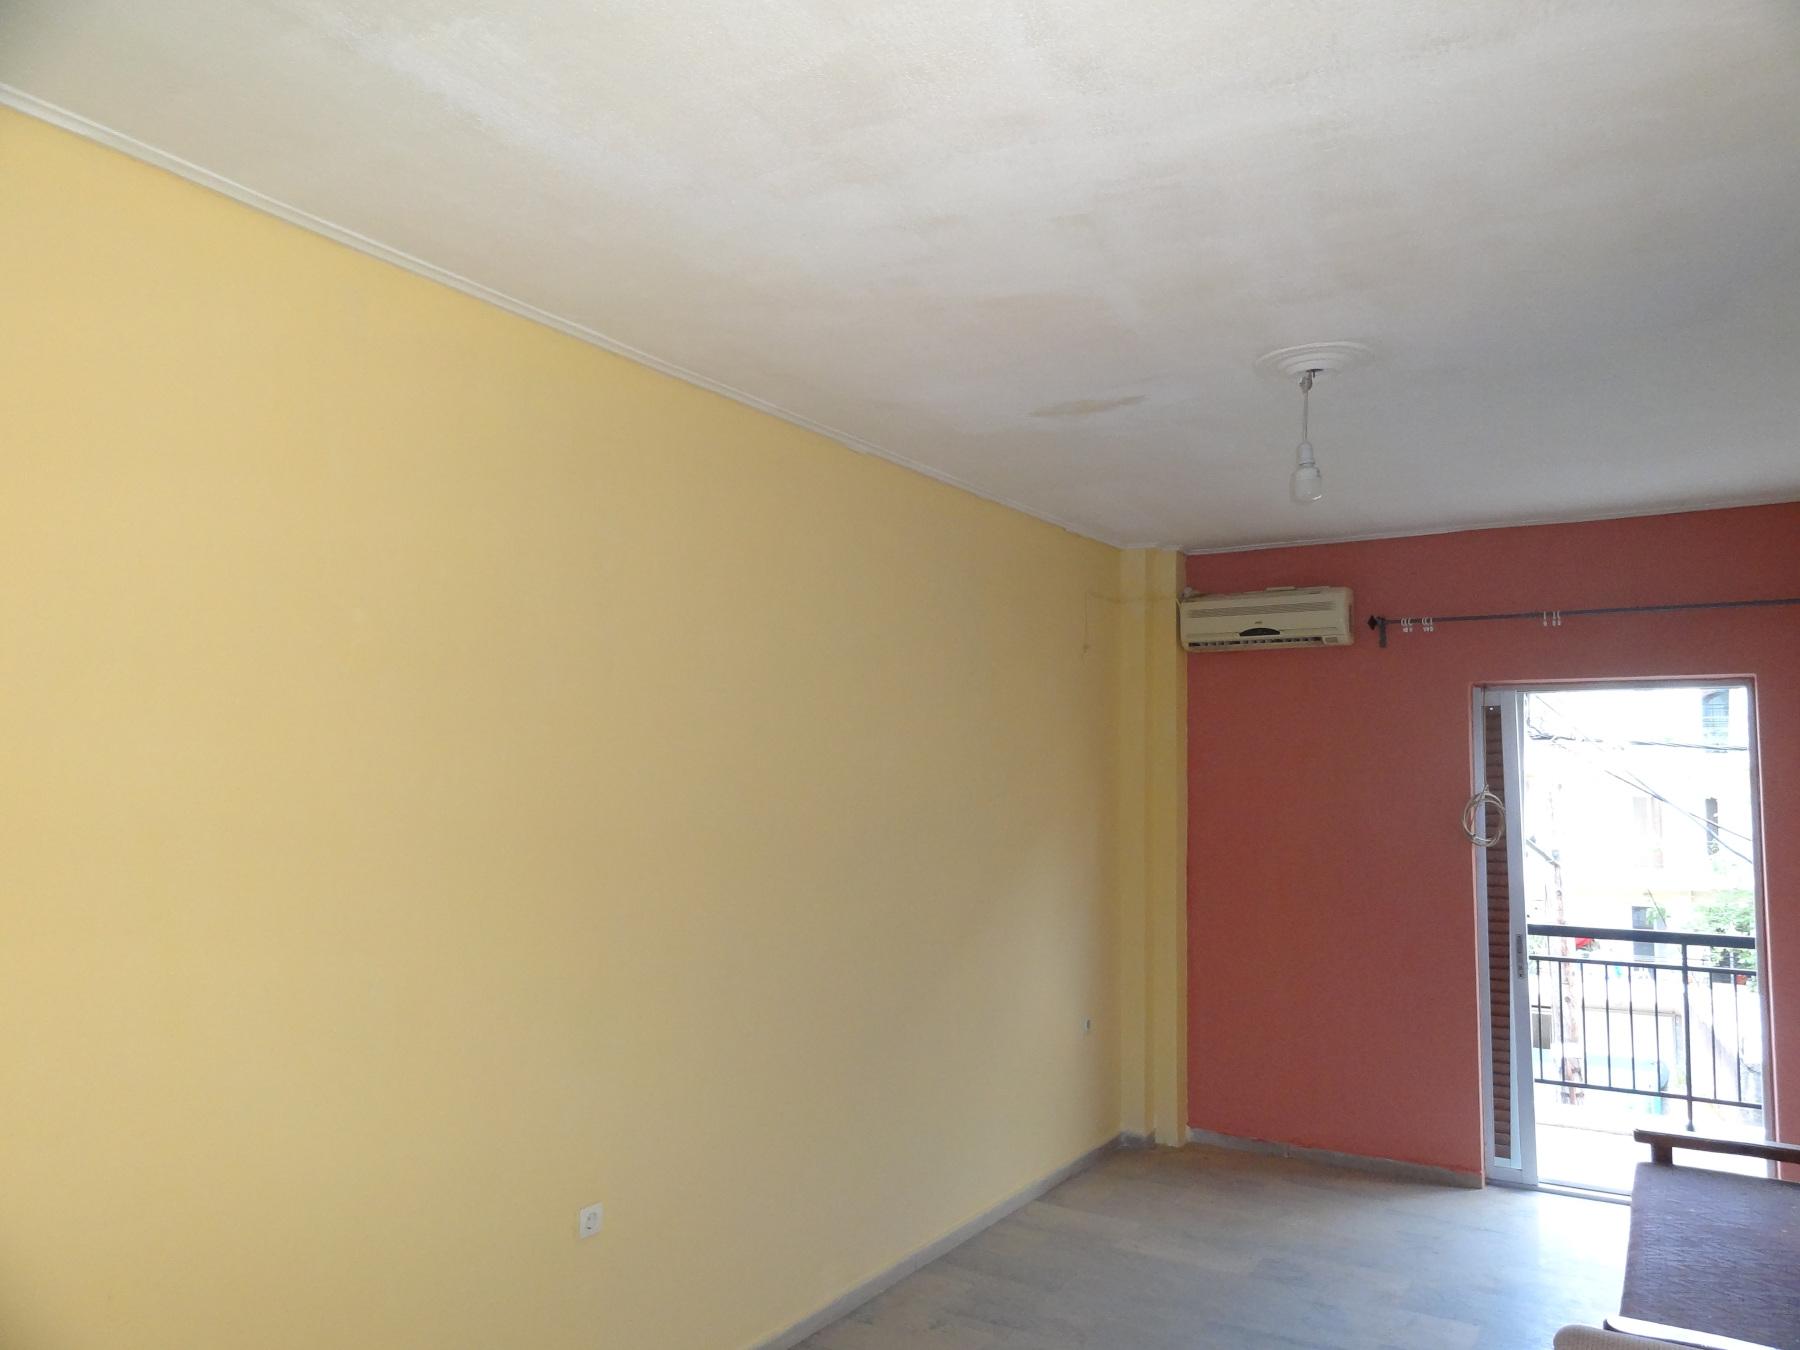 Ενοικιάζεται διαμπερές 3αρι διαμέρισμα 70 τ.μ. 2ου ορόφου στη Καλούτσιανη στα Ιωάννινα